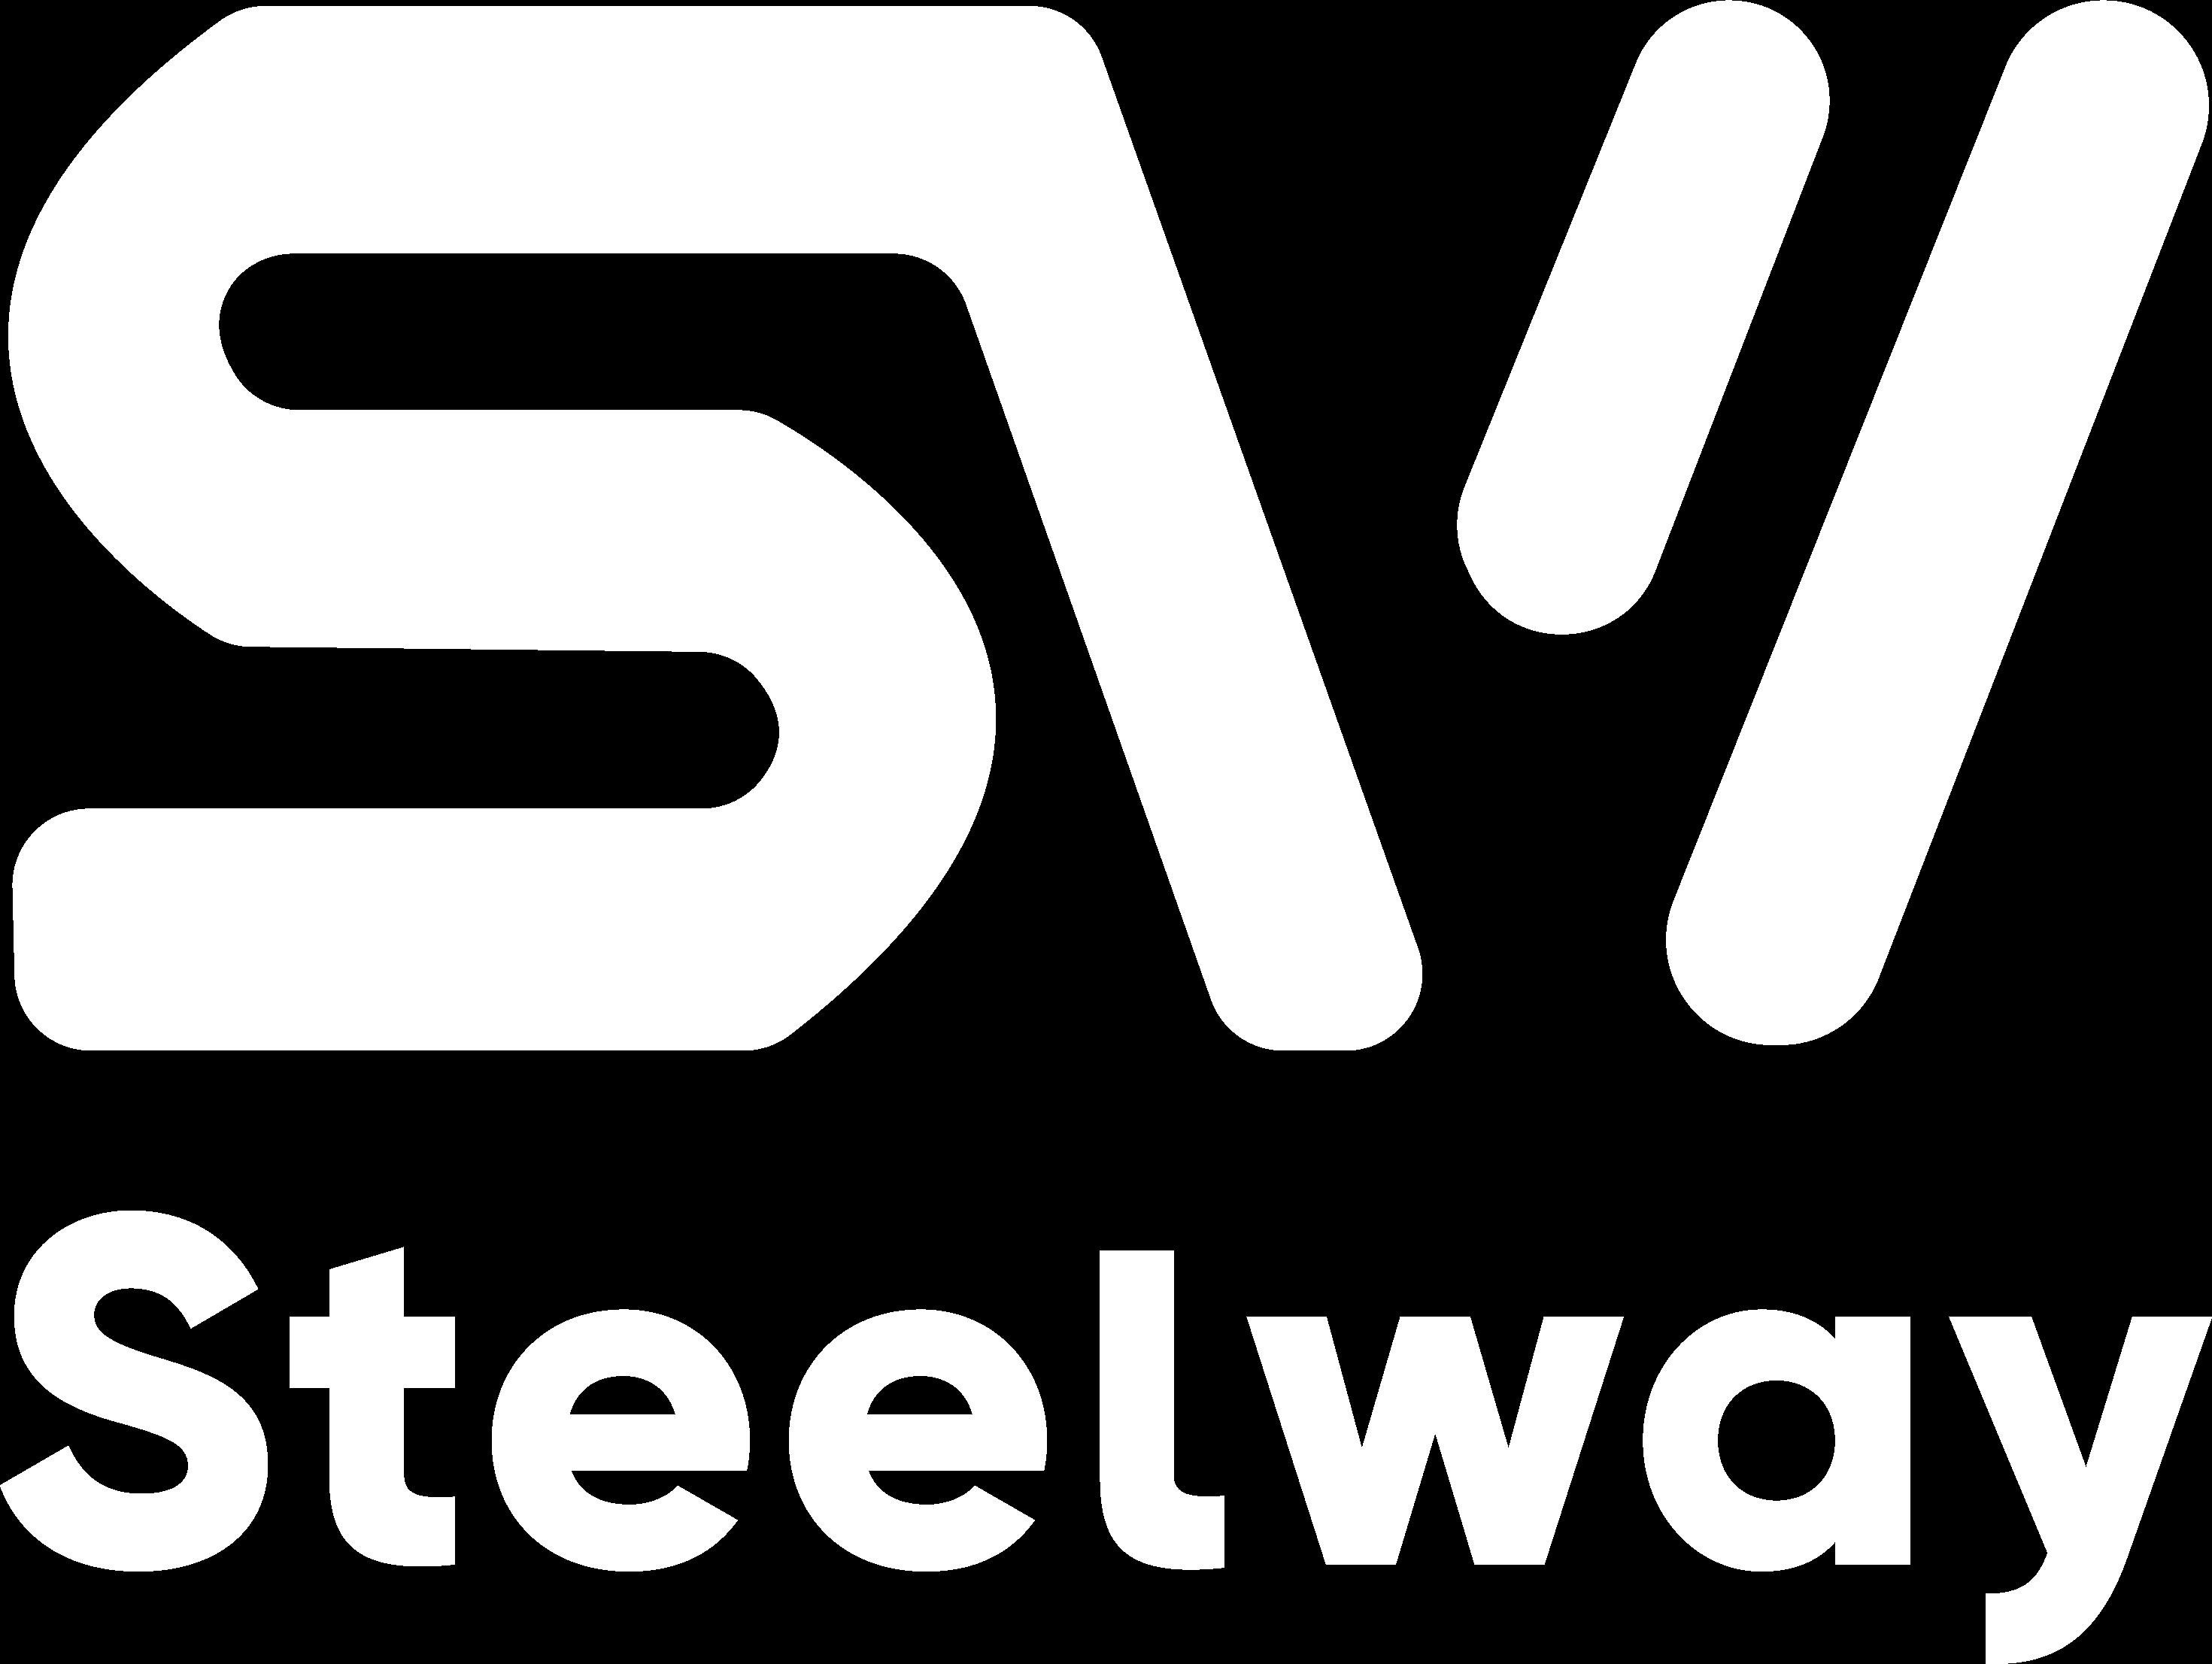 HBi Portfólio - Steelway logo